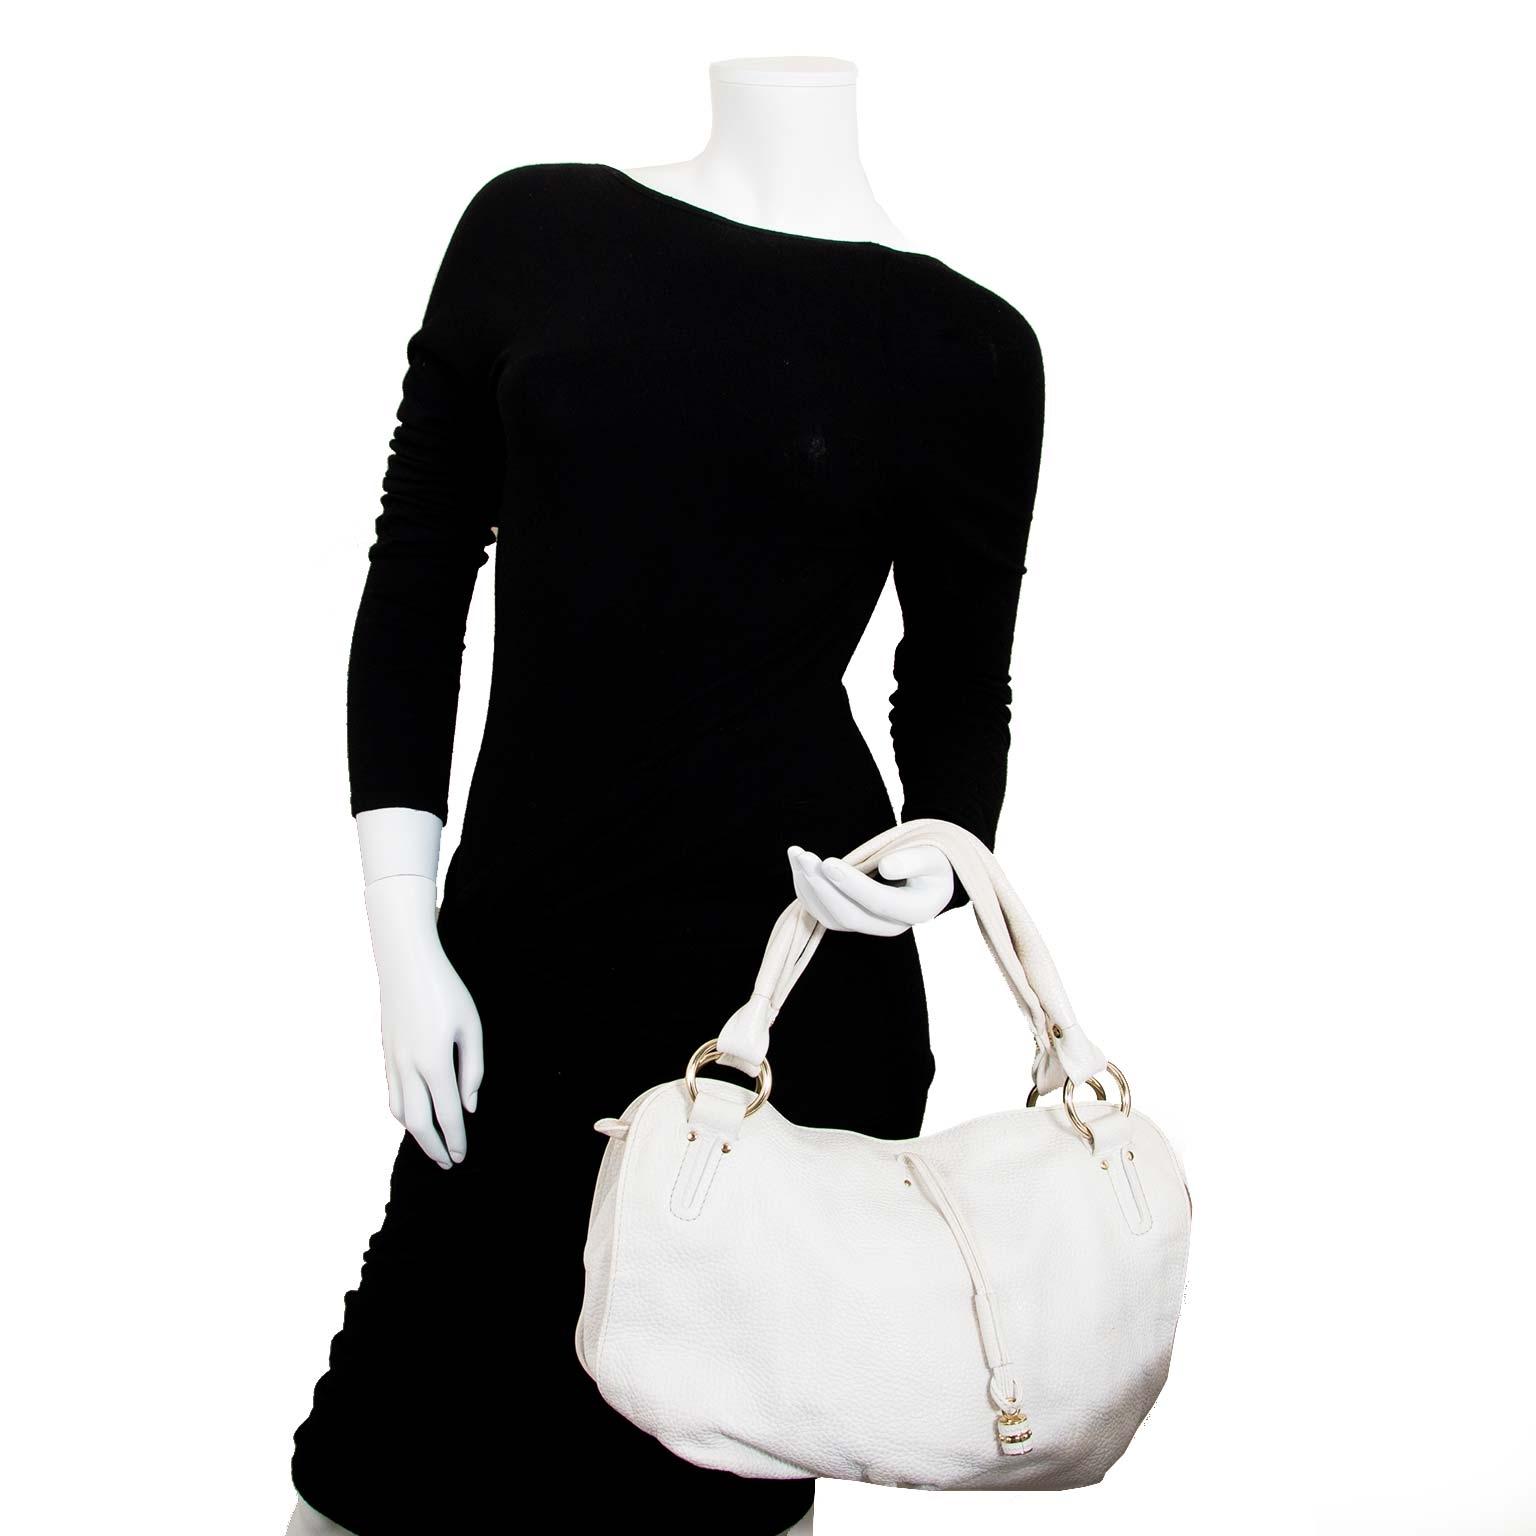 veilig en online tweedehands tassen shoppen bij labellov.com Celine White Bittersweet Hobo Bag nu te koop